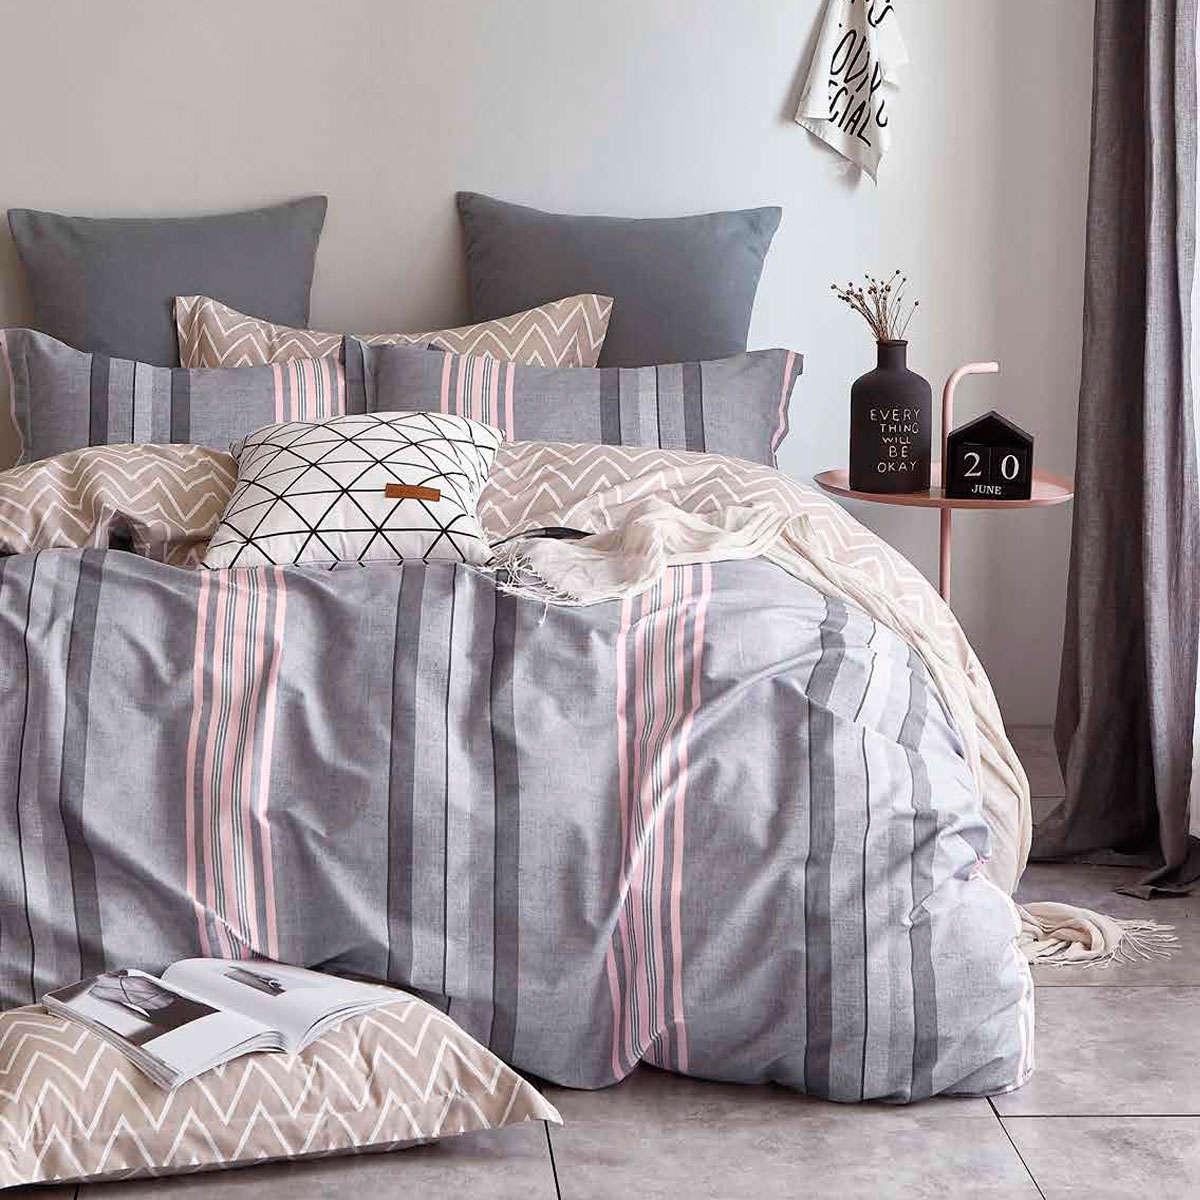 Σεντόνια Σετ 4τμχ 1250 Grey – Pink Homeline Διπλό 230x260cm